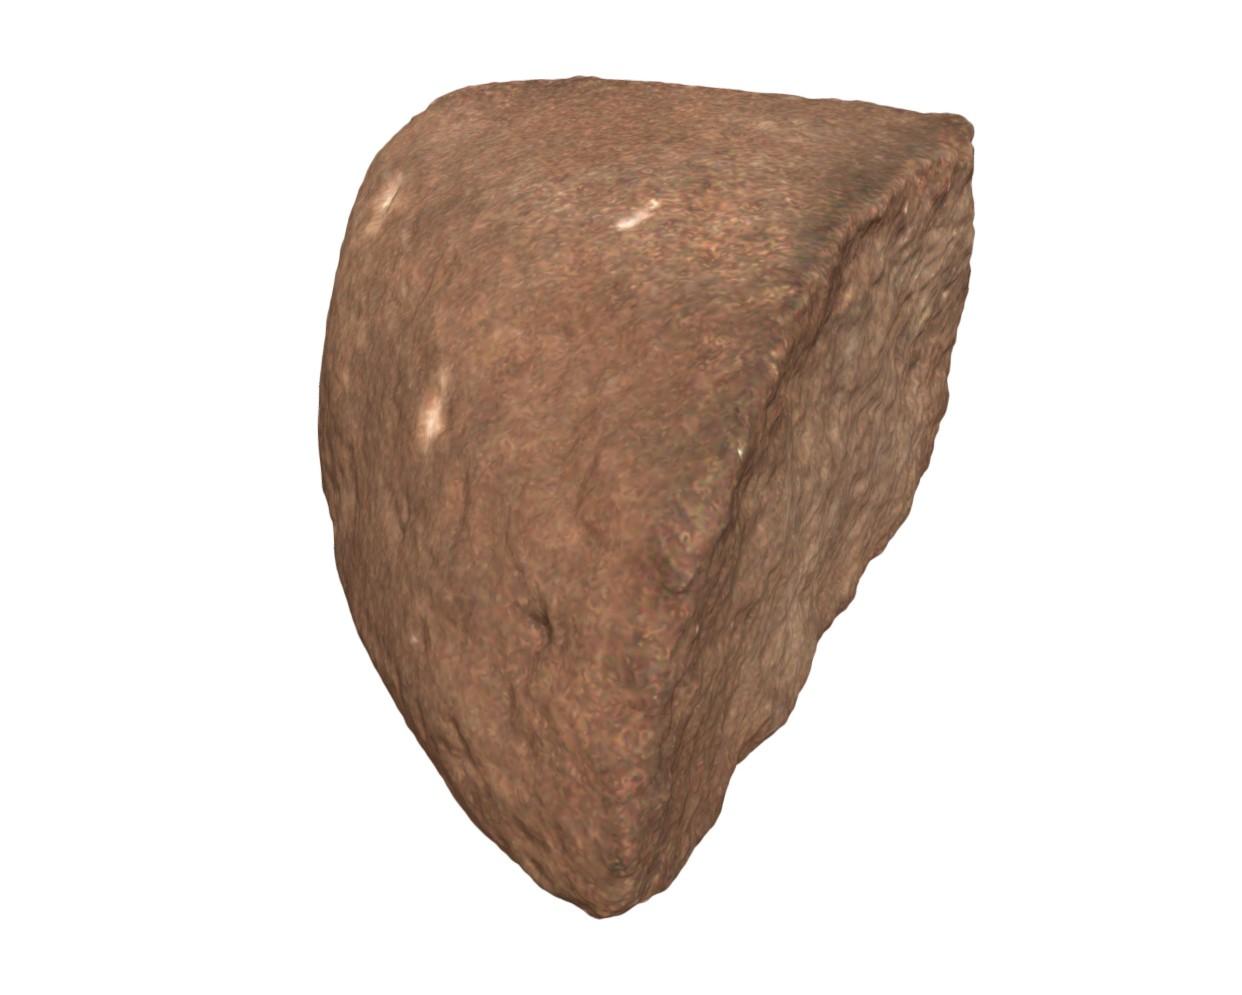 Quernstone Fragment